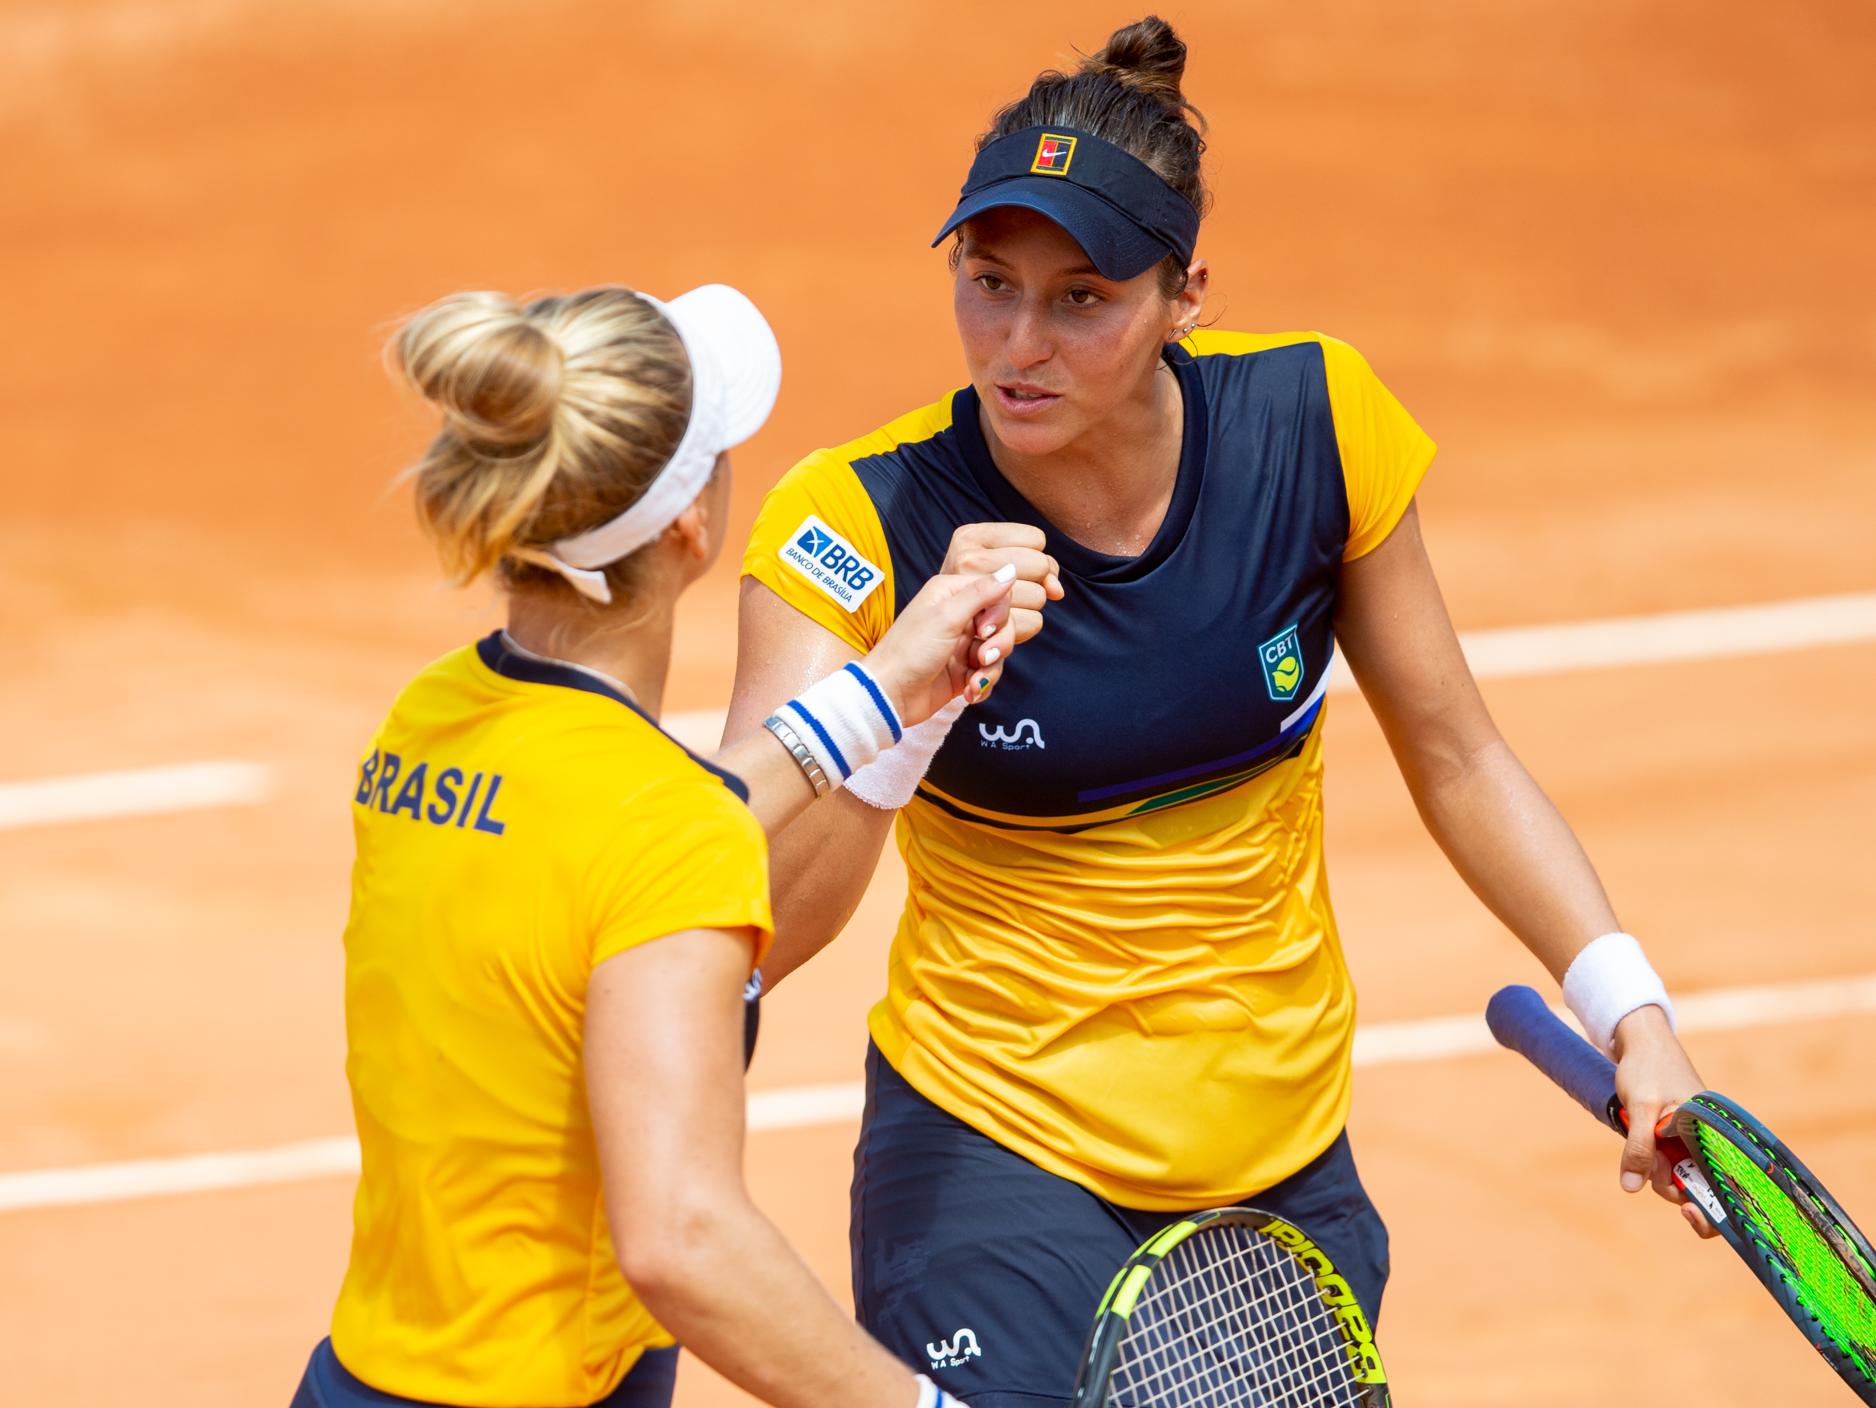 Luisa Stefani e Laura Pigosi conquistam medalha de bronze inédita para o tênis brasileiro